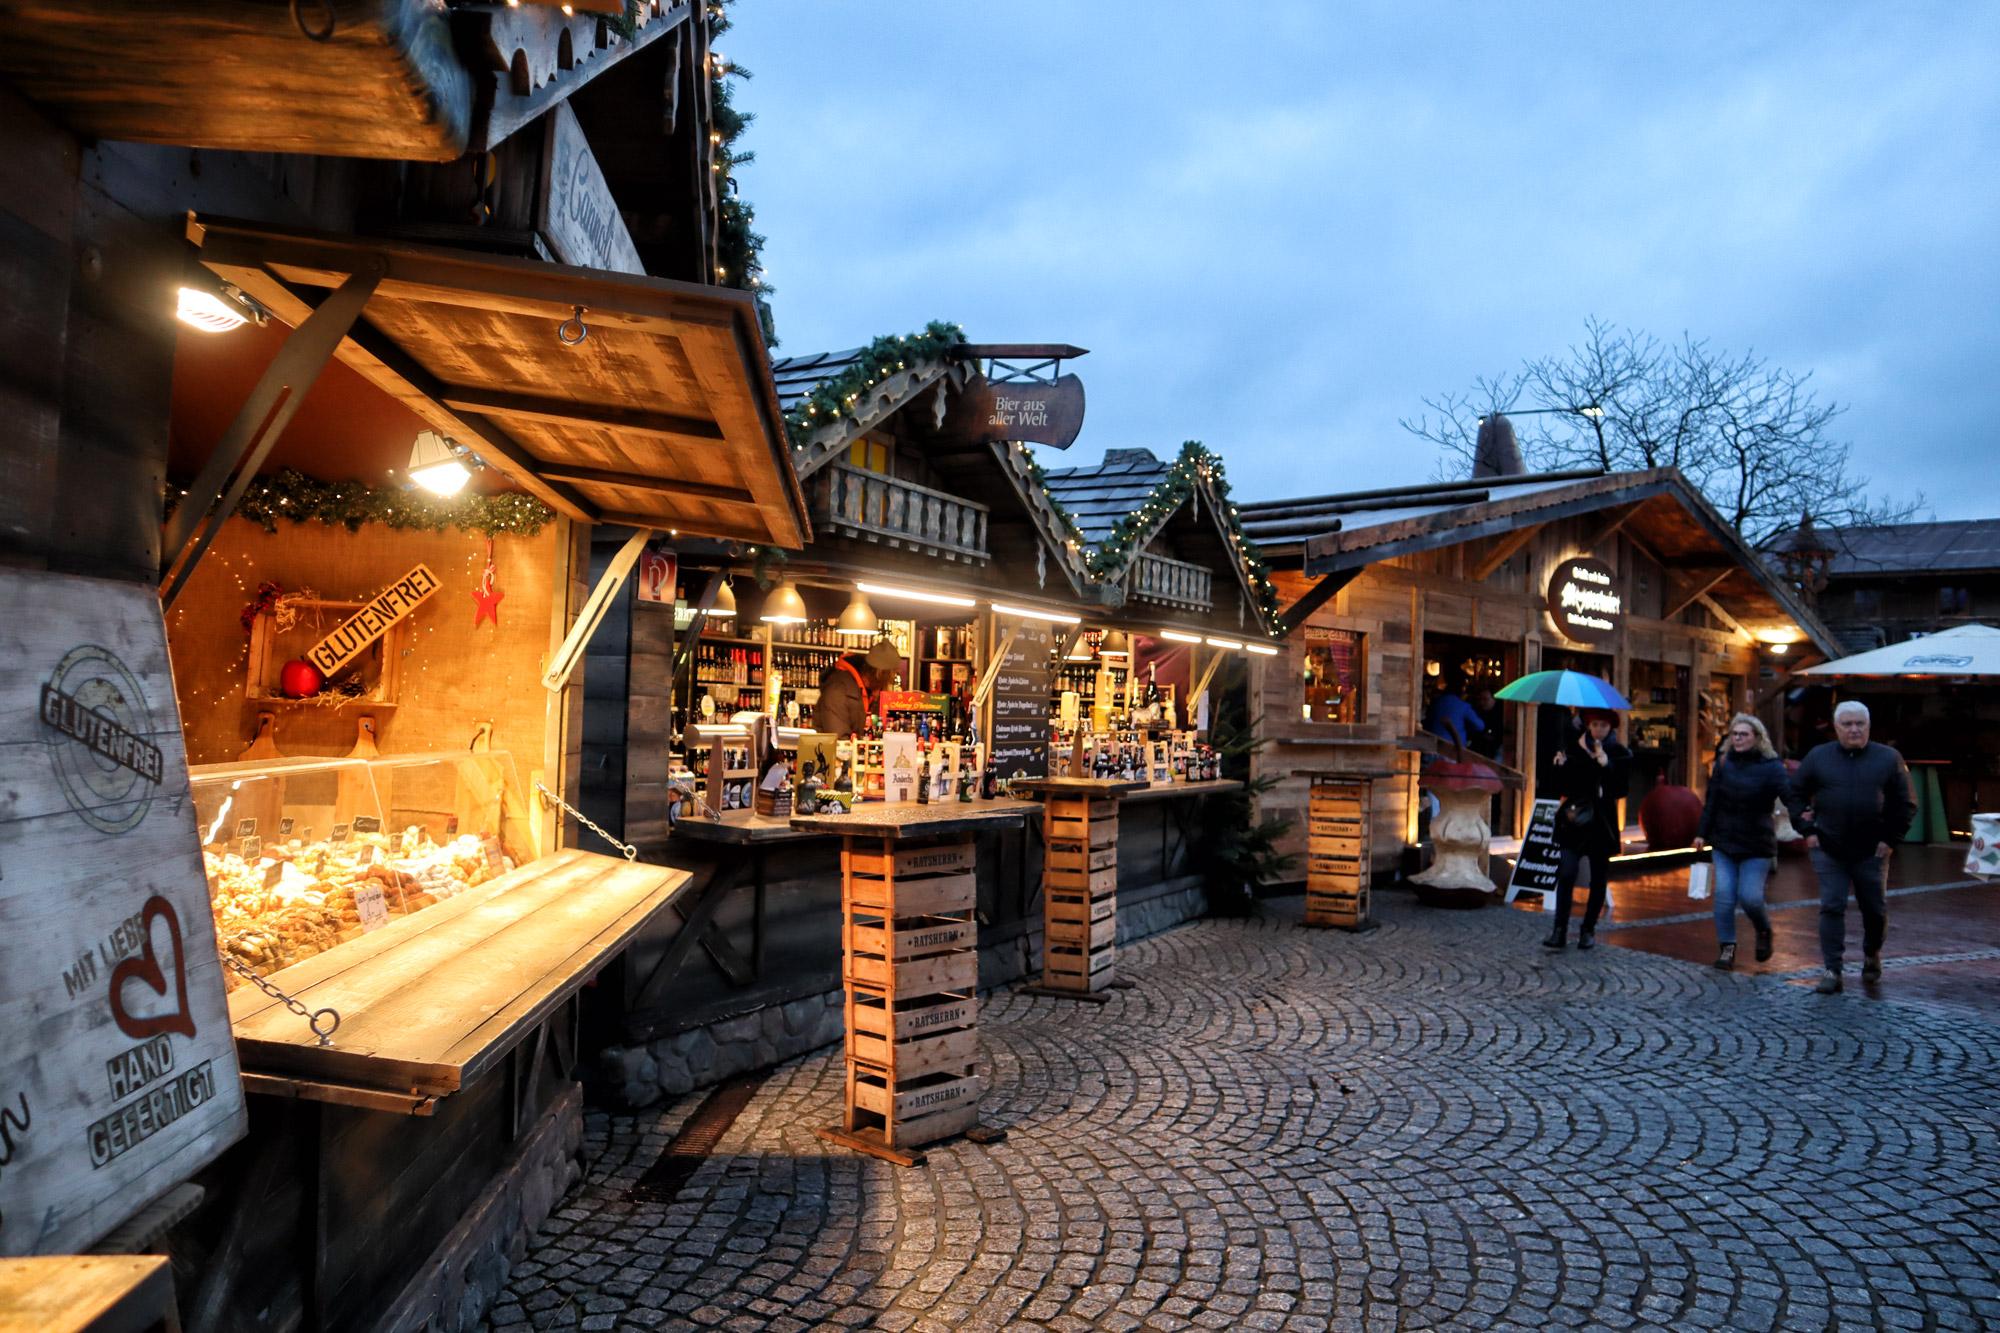 Fotoreeks: Kerstmarkt van Oberhausen